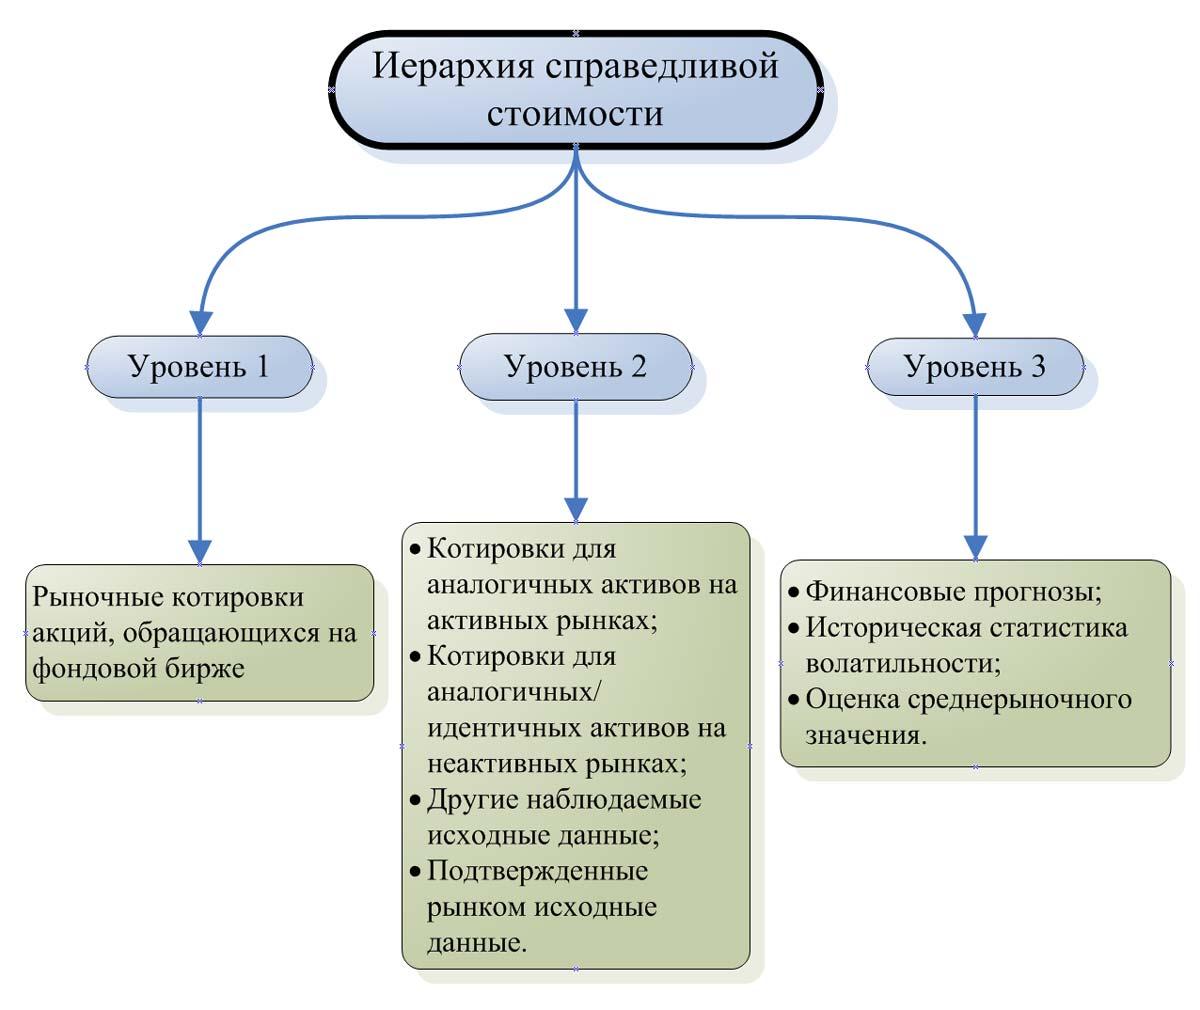 Схема иерархии справедливой стоимости.